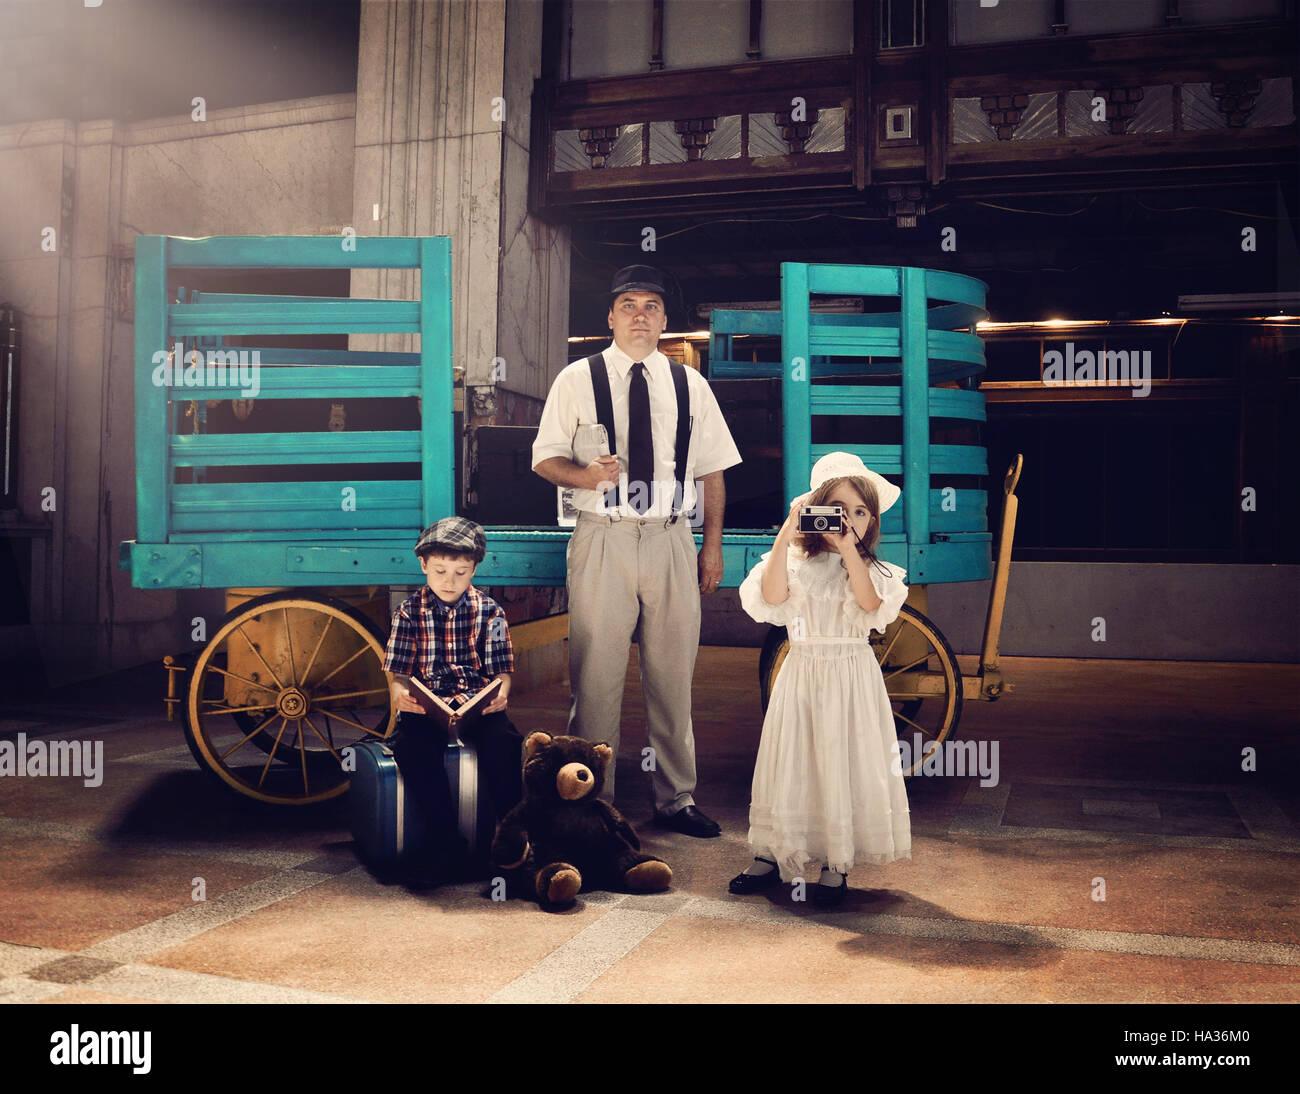 Una antigua familia vintage está esperando en una vieja estación de tren por un carrito de equipaje para el concepto de viaje o de vacaciones. Foto de stock